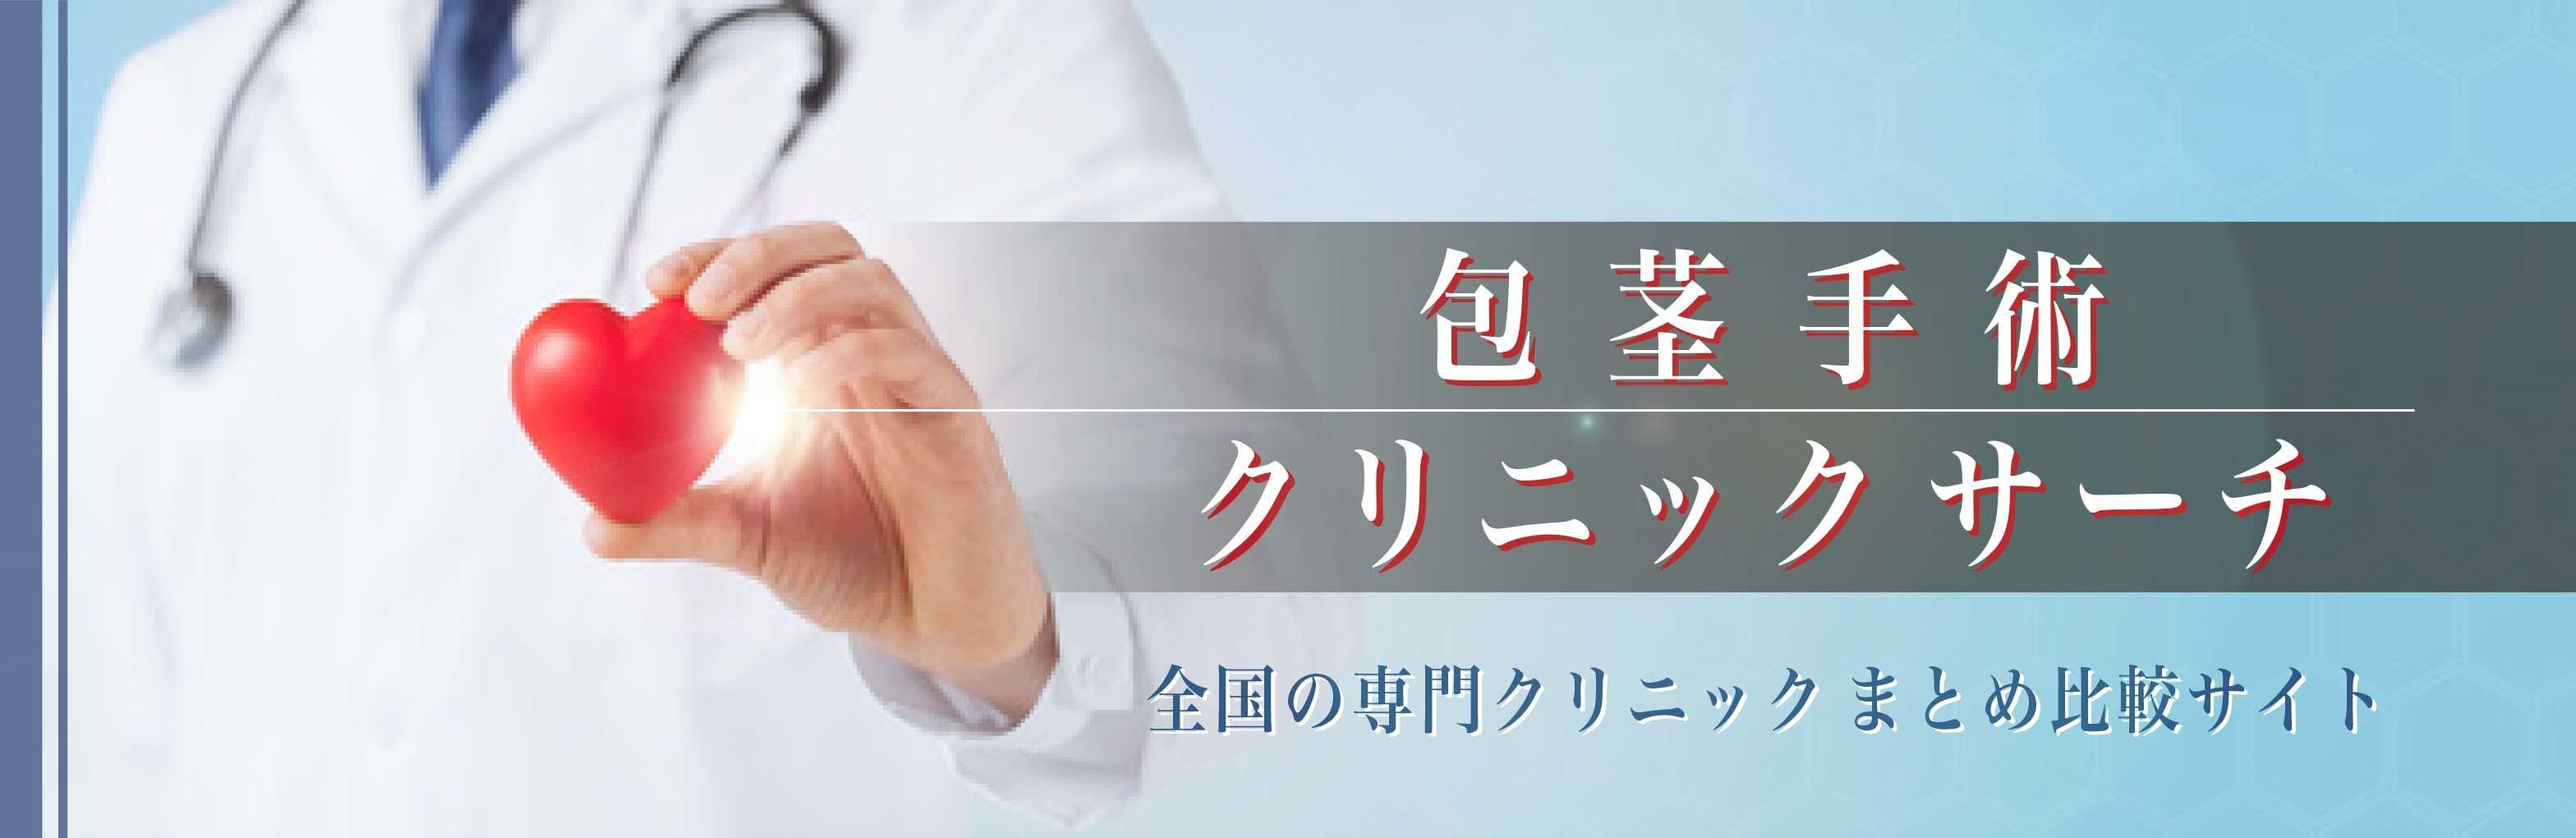 houkei_top.jpg